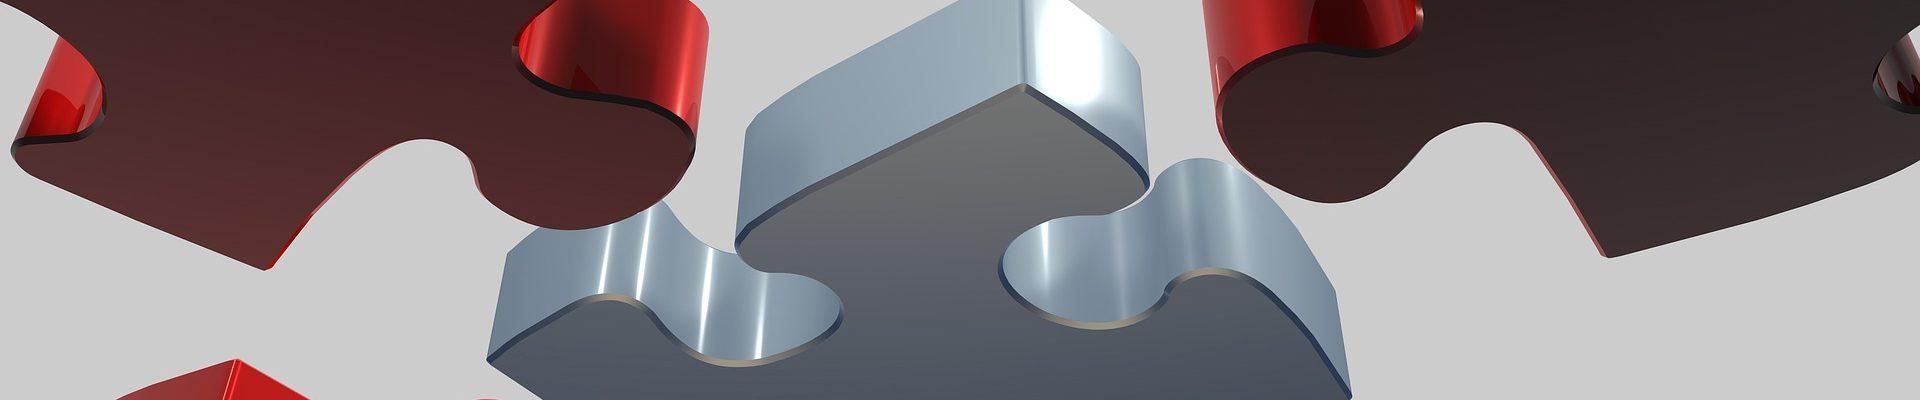 puzzle-1721465_1920